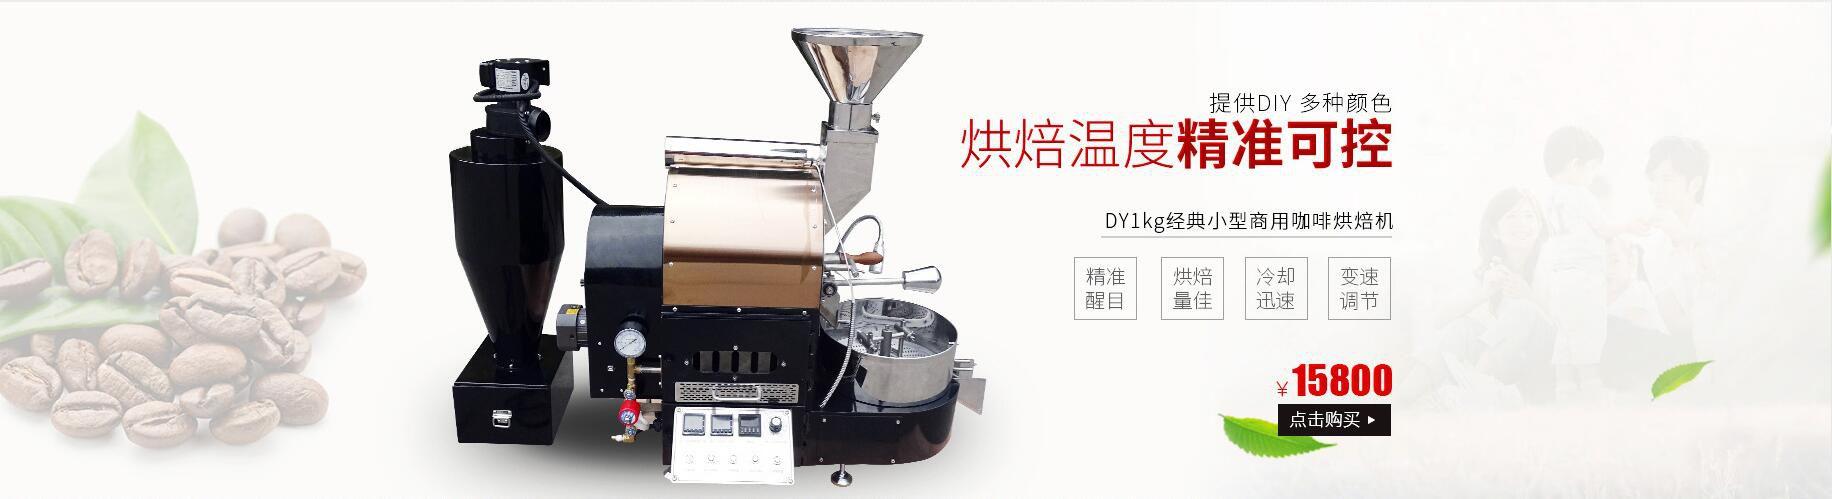 东亿咖啡烘焙机